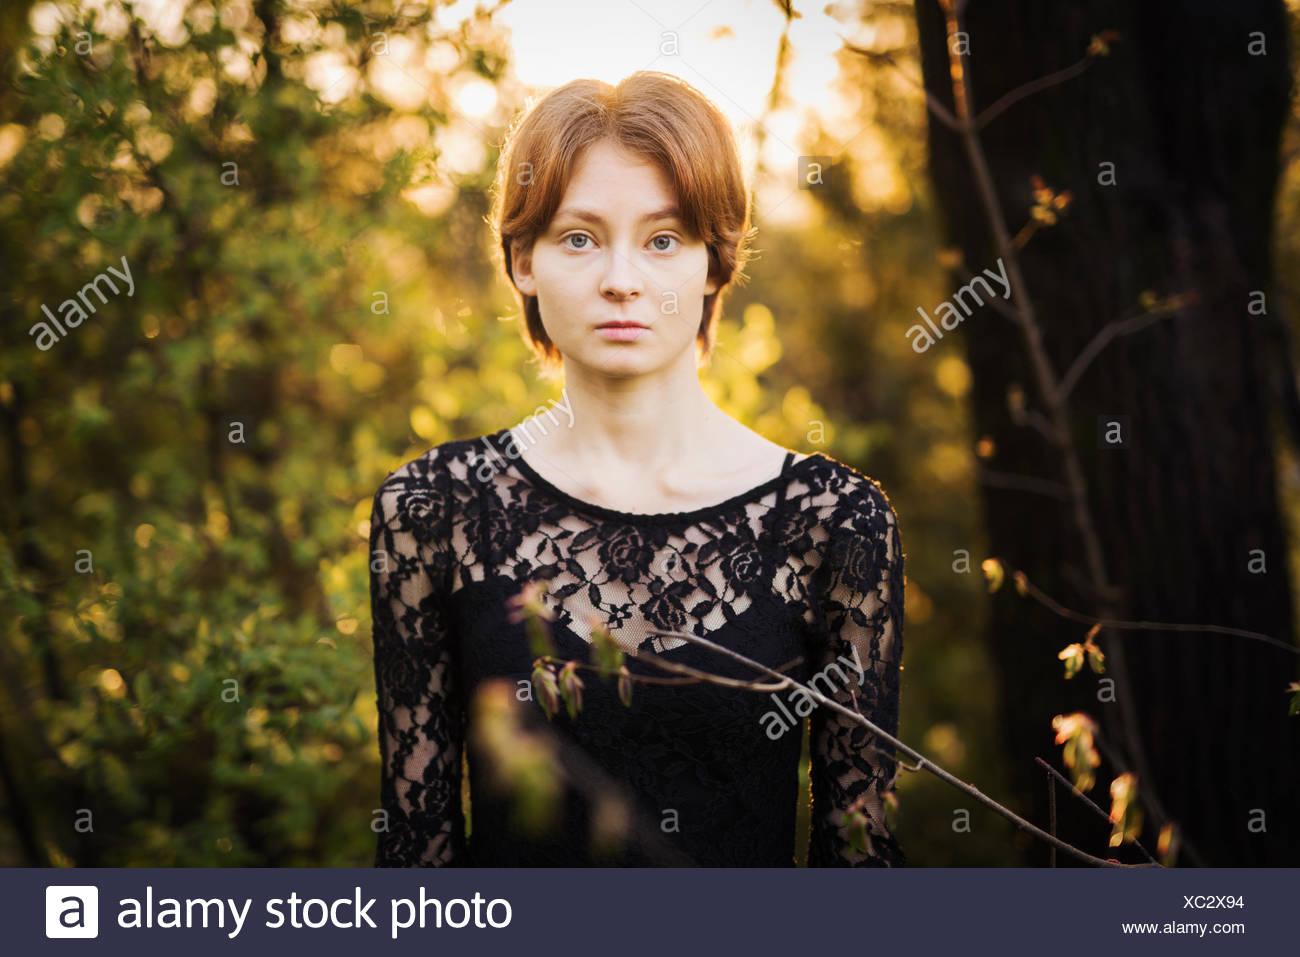 Finnland, Südwest-Finnland, Porträt der jungen Frau im Wald Stockbild